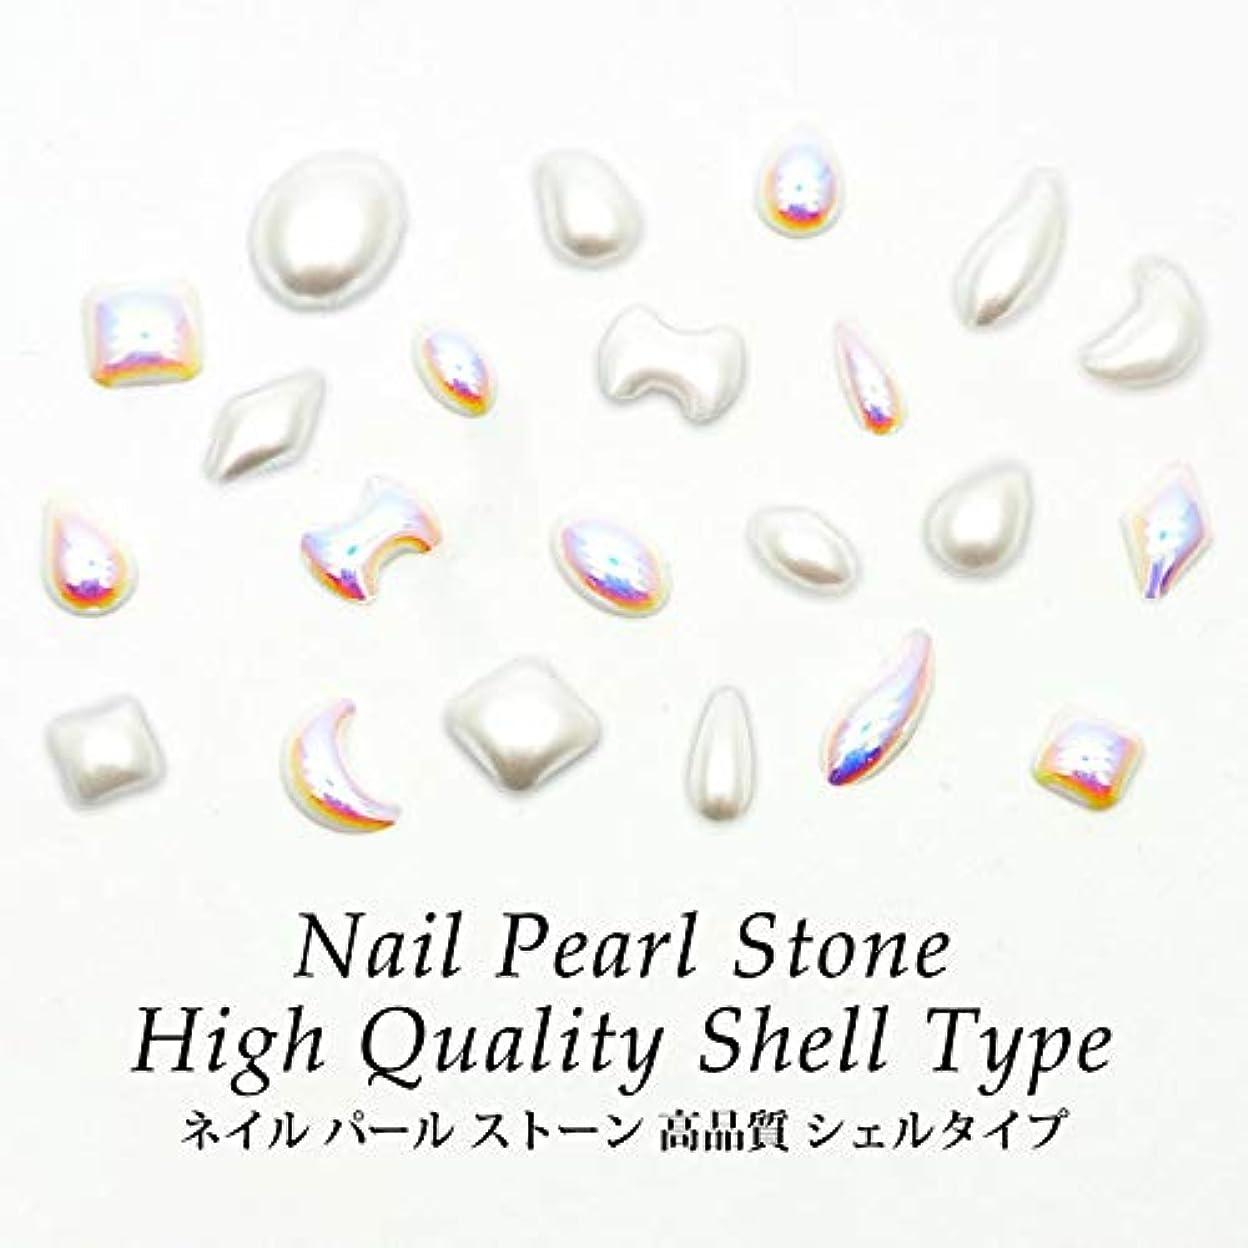 期待するメイエラ良いネイル パール ストーン 高品質 シェルタイプ 各種 20個入り (6.オーバル(中) 約4mm×6mm, シェルホワイト)